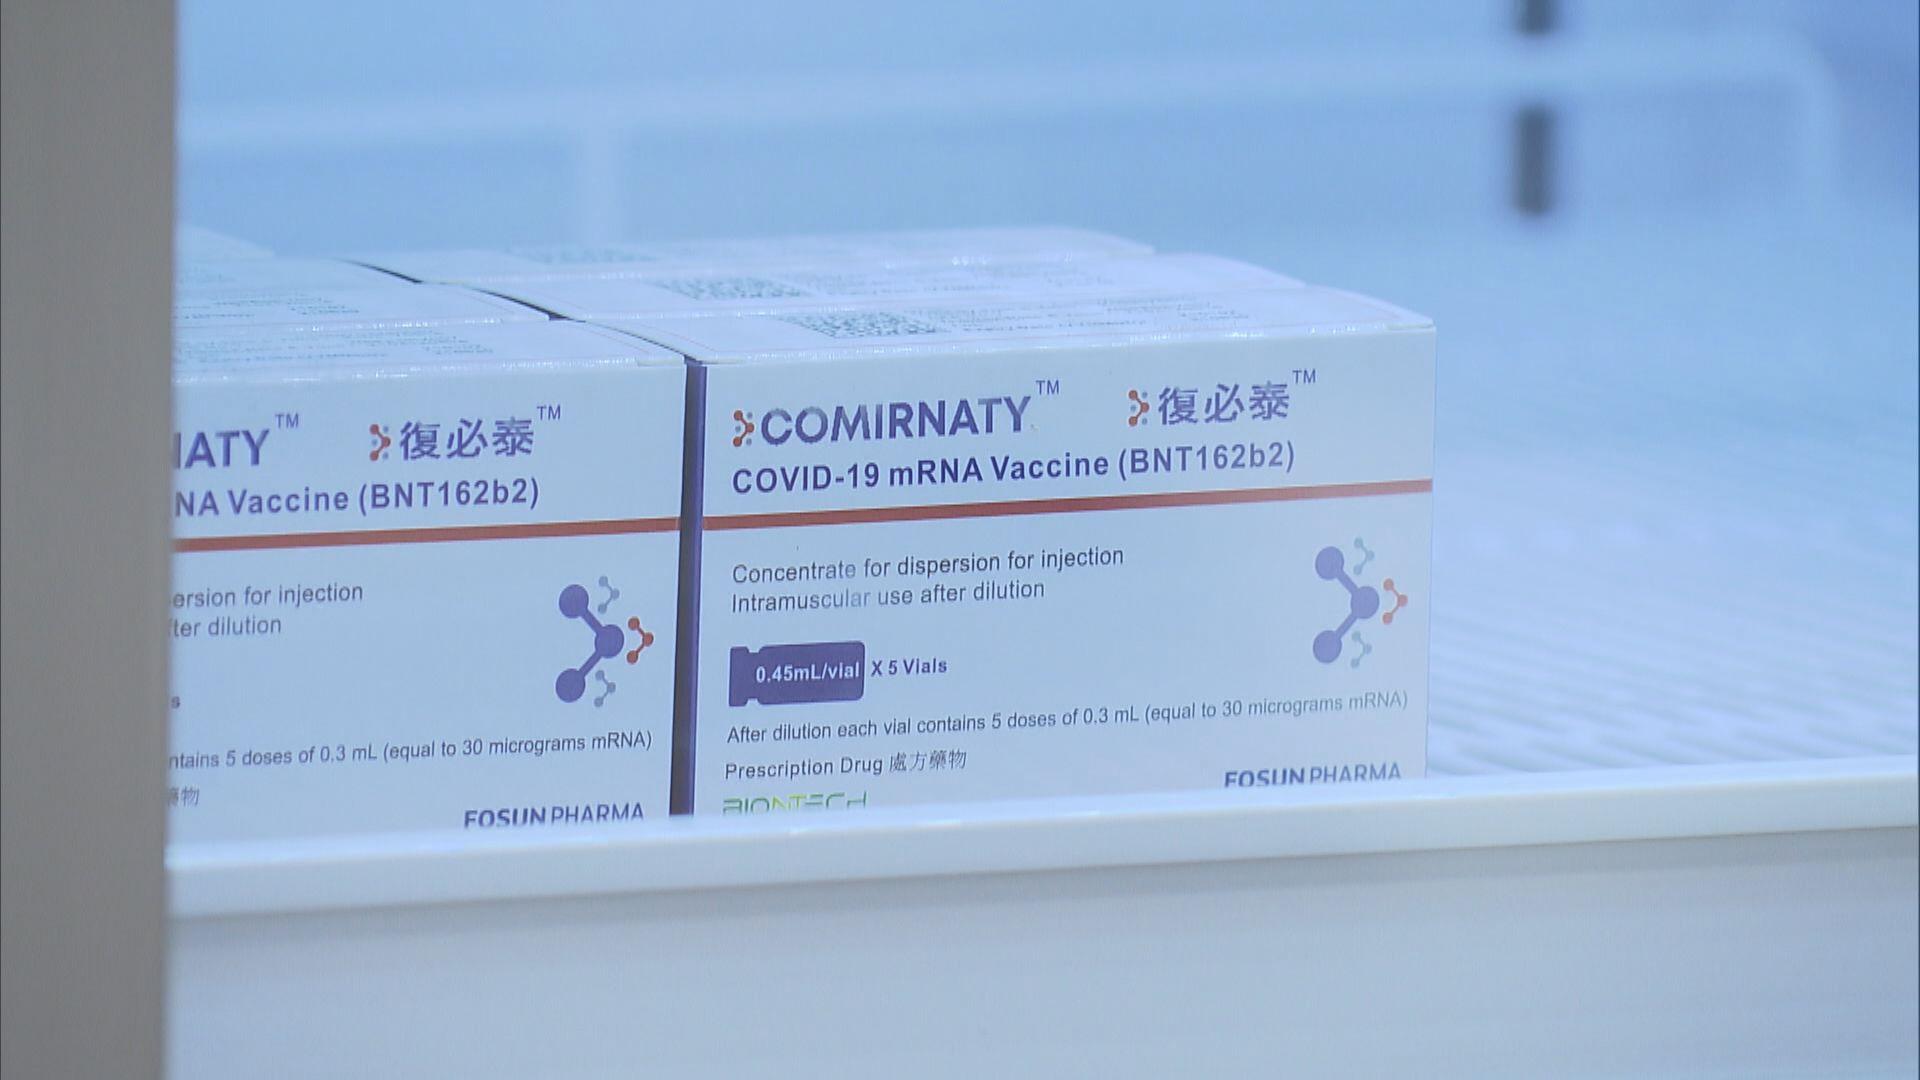 復必泰接種年齡下調至12歲 袁國勇:找不到理由兒童不能接種